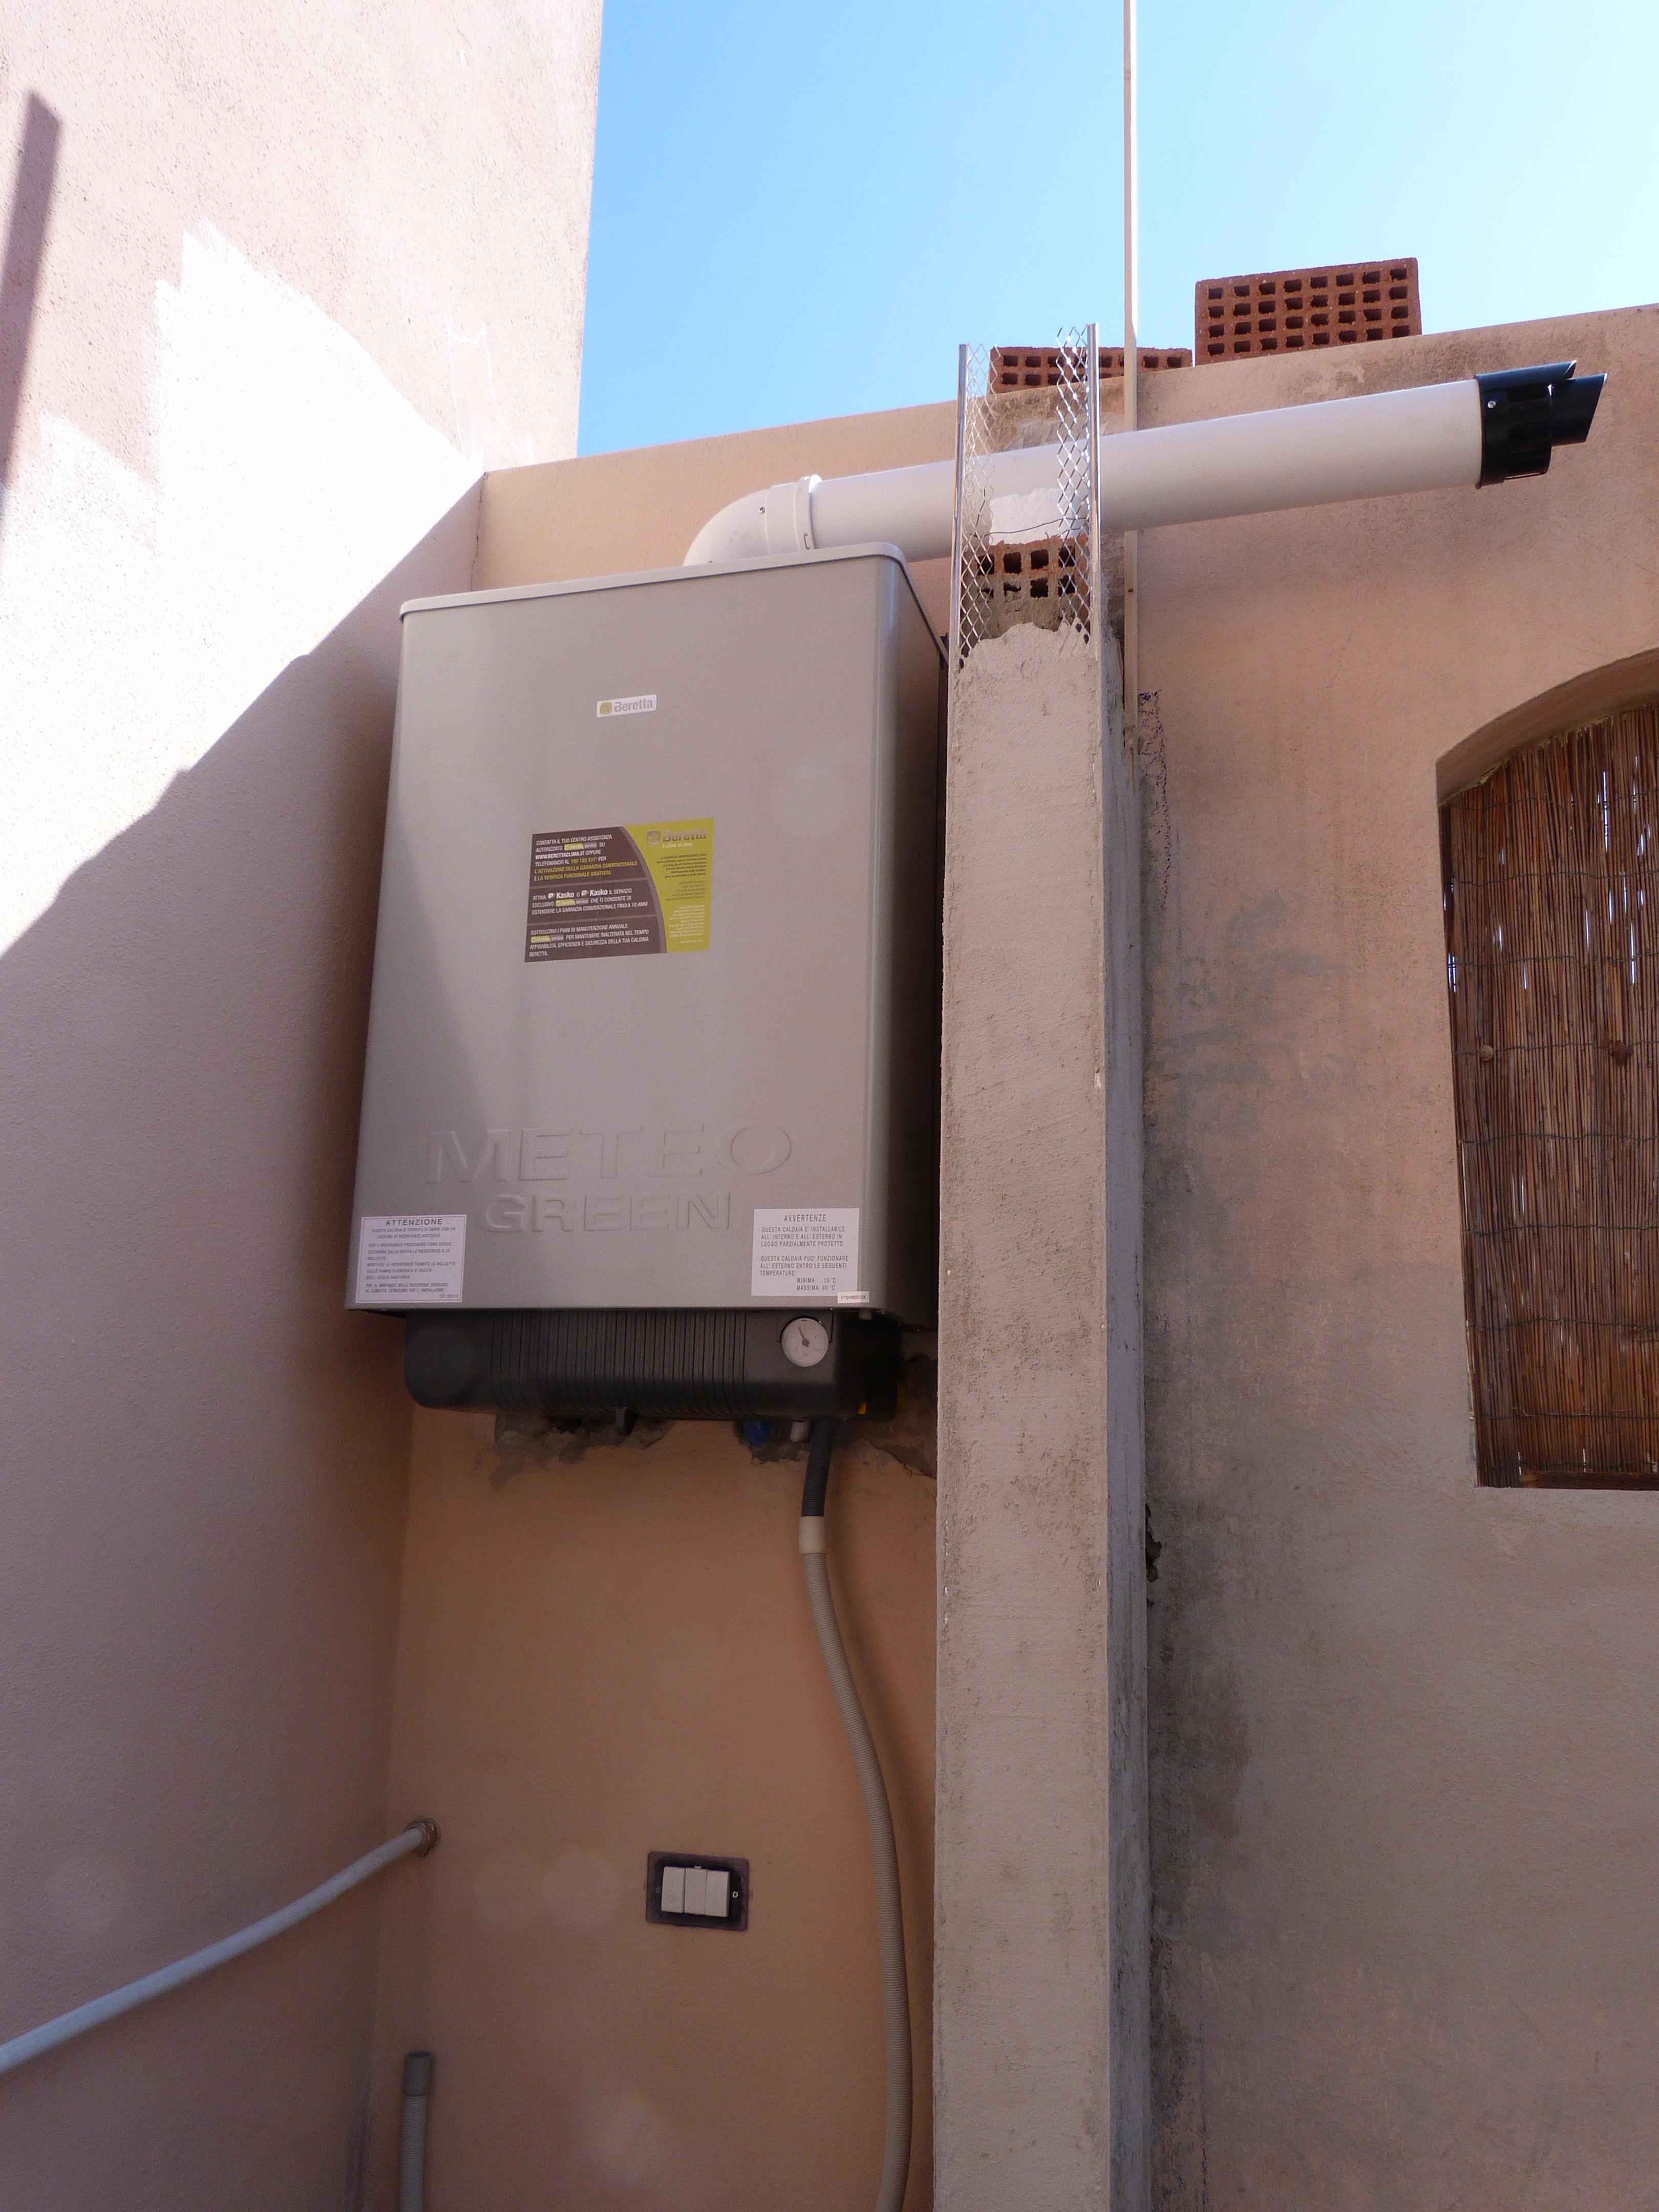 Riscaldamento il portale solare di olivari impianti - Riscaldamento per esterno ...